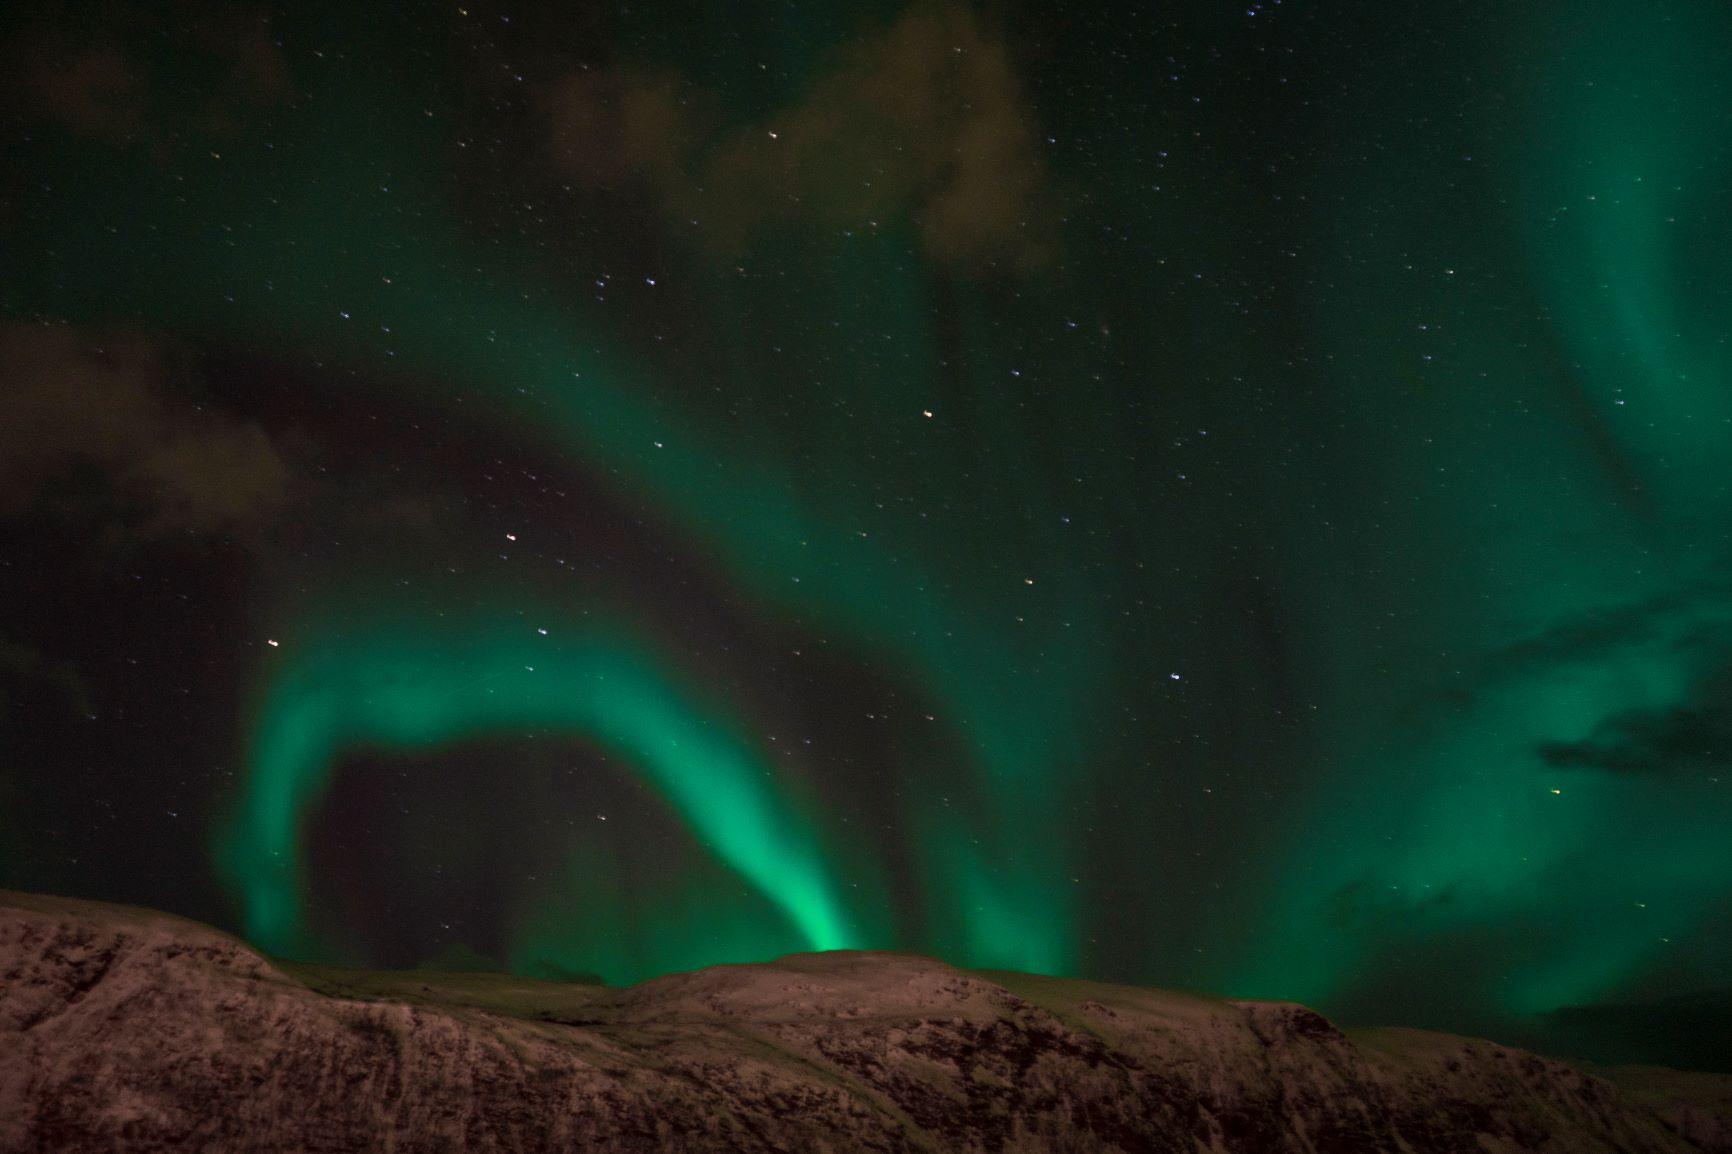 Une aurore boréale dansant dans le ciel